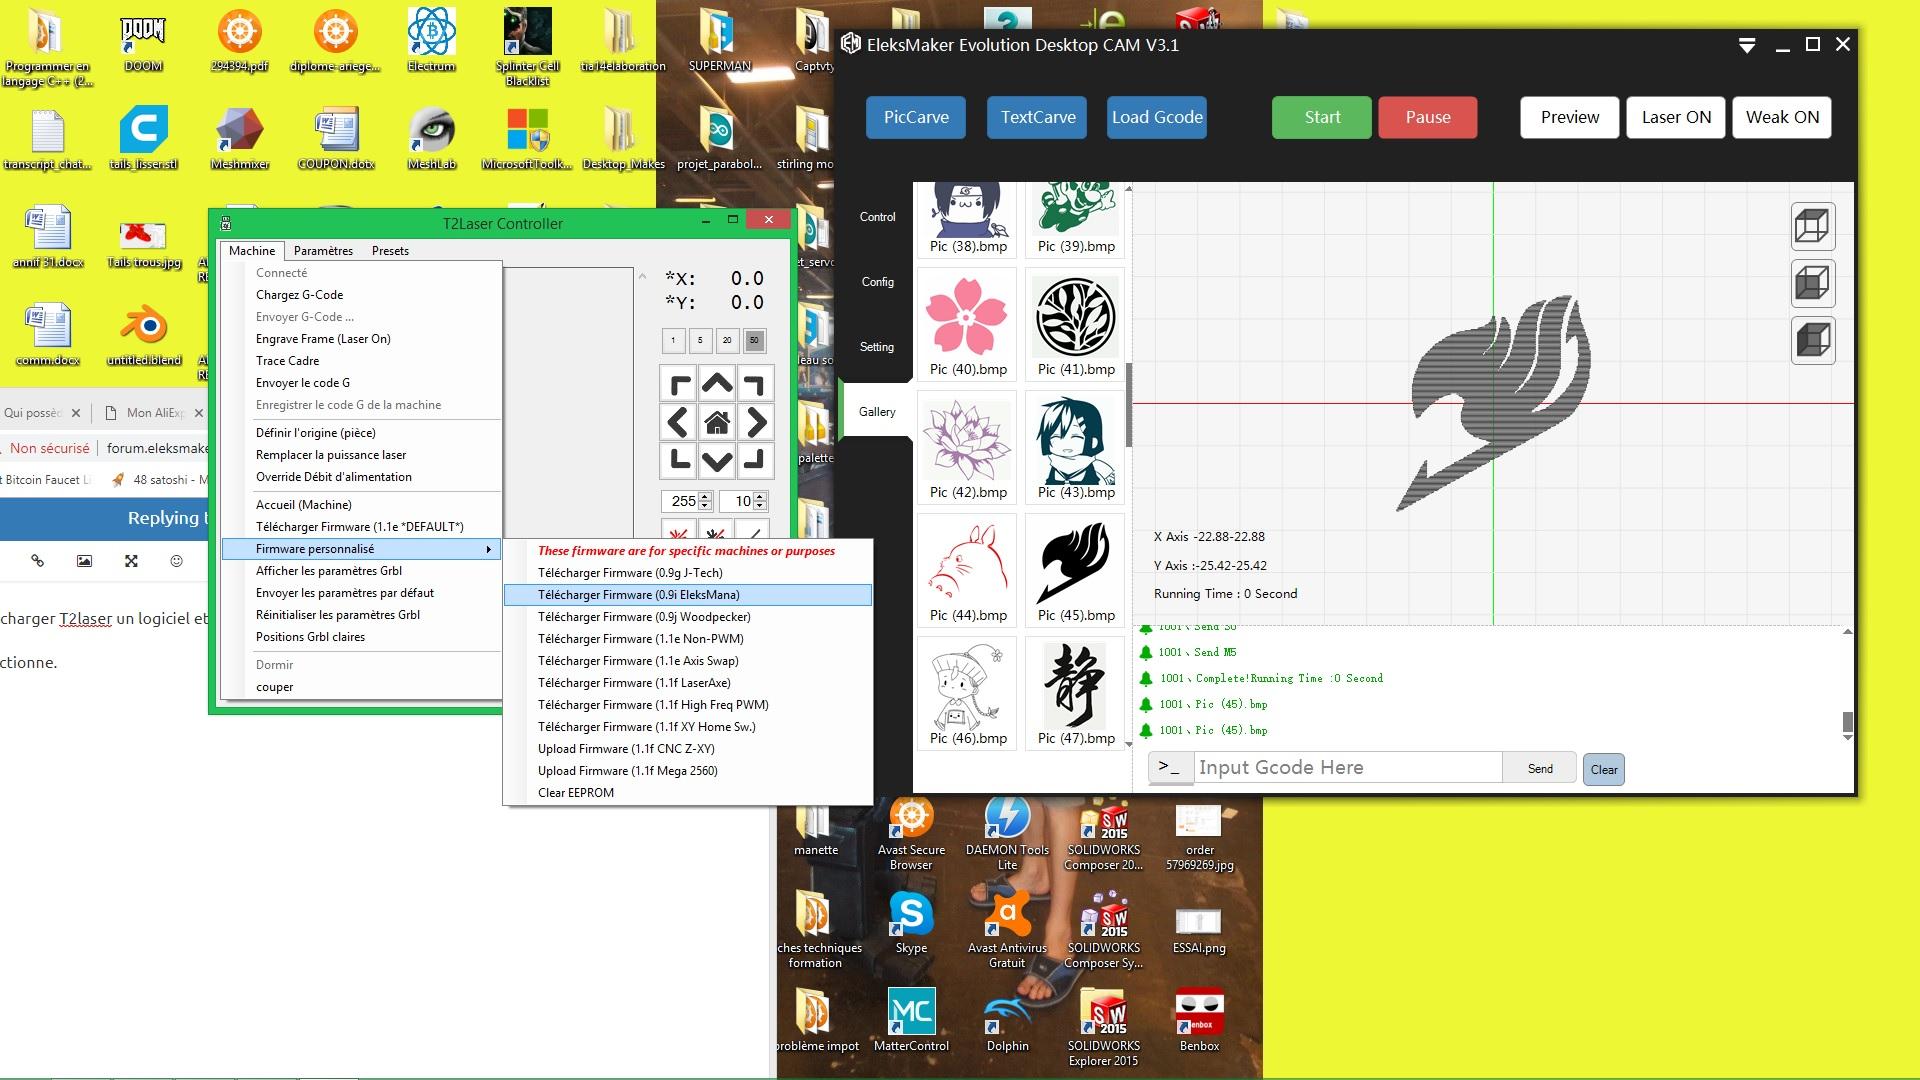 0_1548270878402_télécharger firmware.jpg